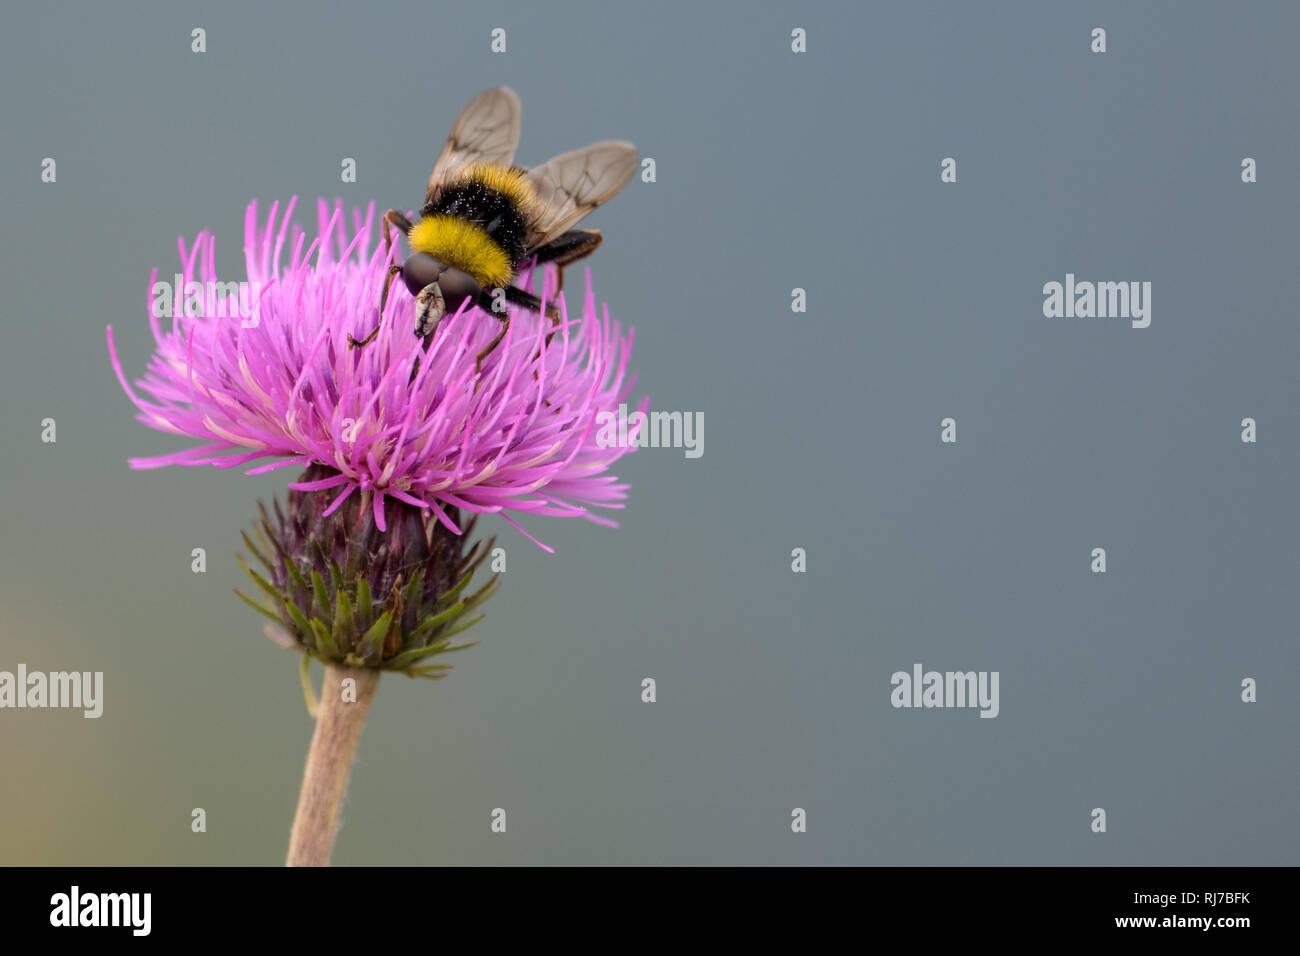 Hummel auf lila Blume beim Bestäuben mit Nektar - Stock Image